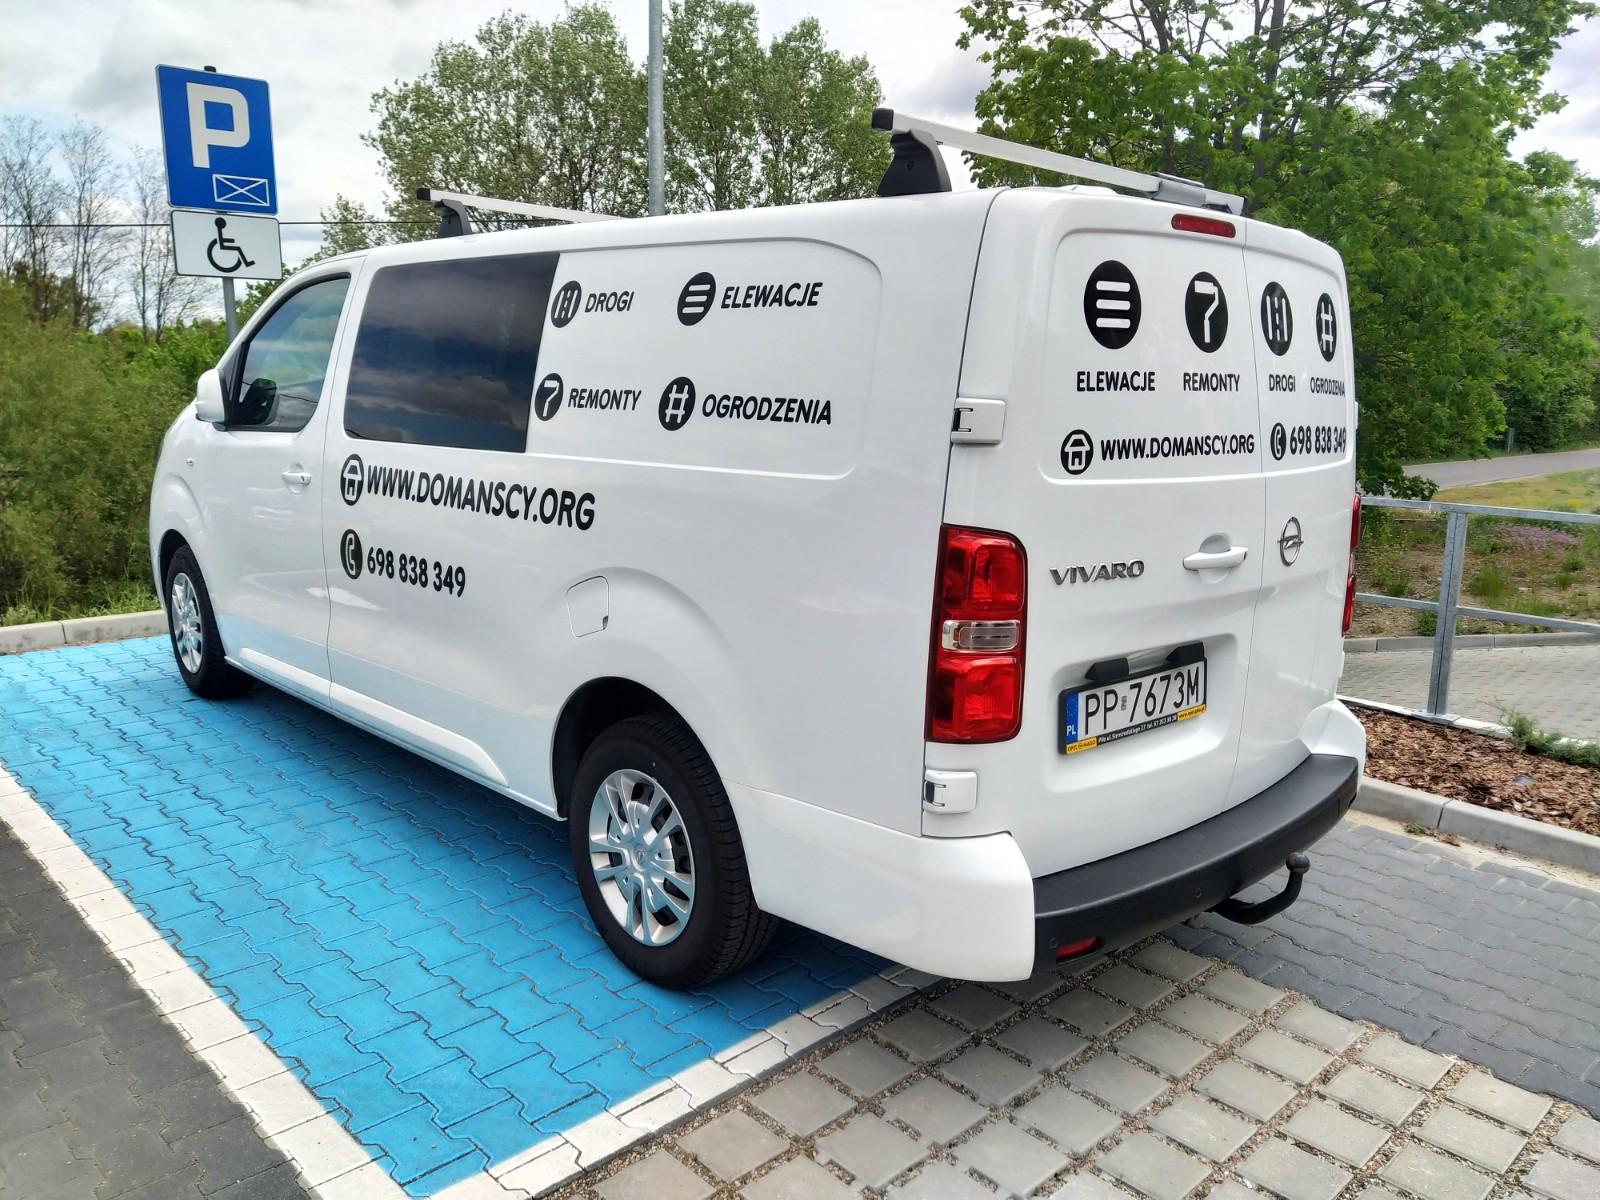 Projekt plus wyklejenie auta dostawczego typu bus, reklama na samochodzie